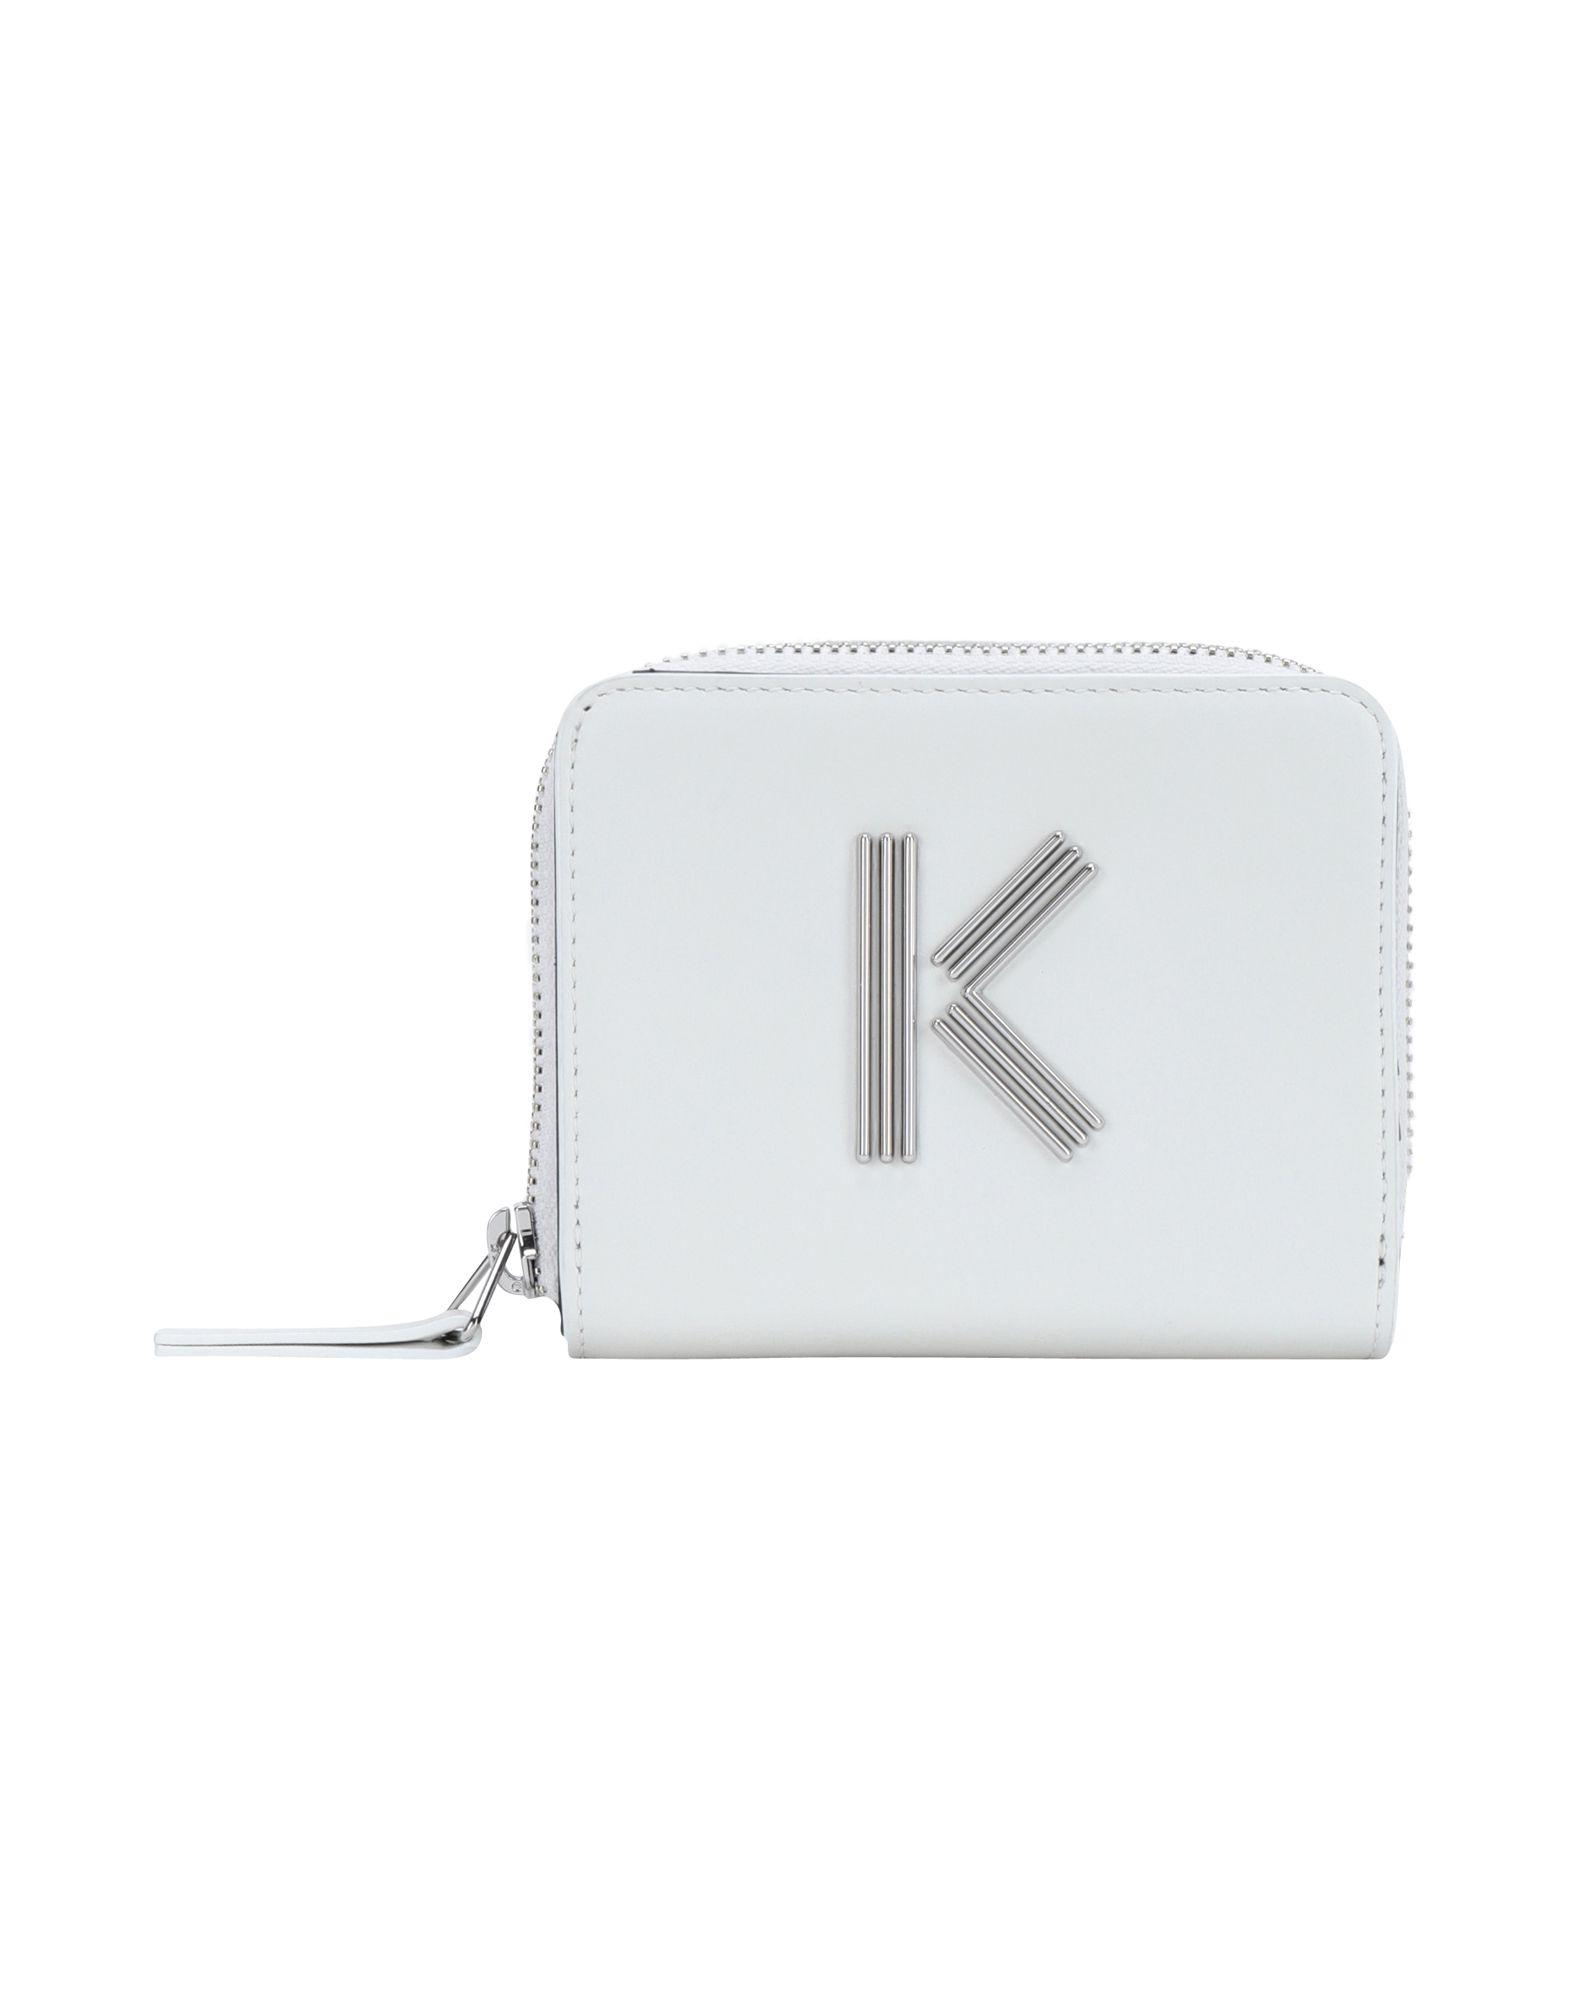 880ba2f5d036 ケンゾー(KENZO) レディース長財布 | 通販・人気ランキング - 価格.com